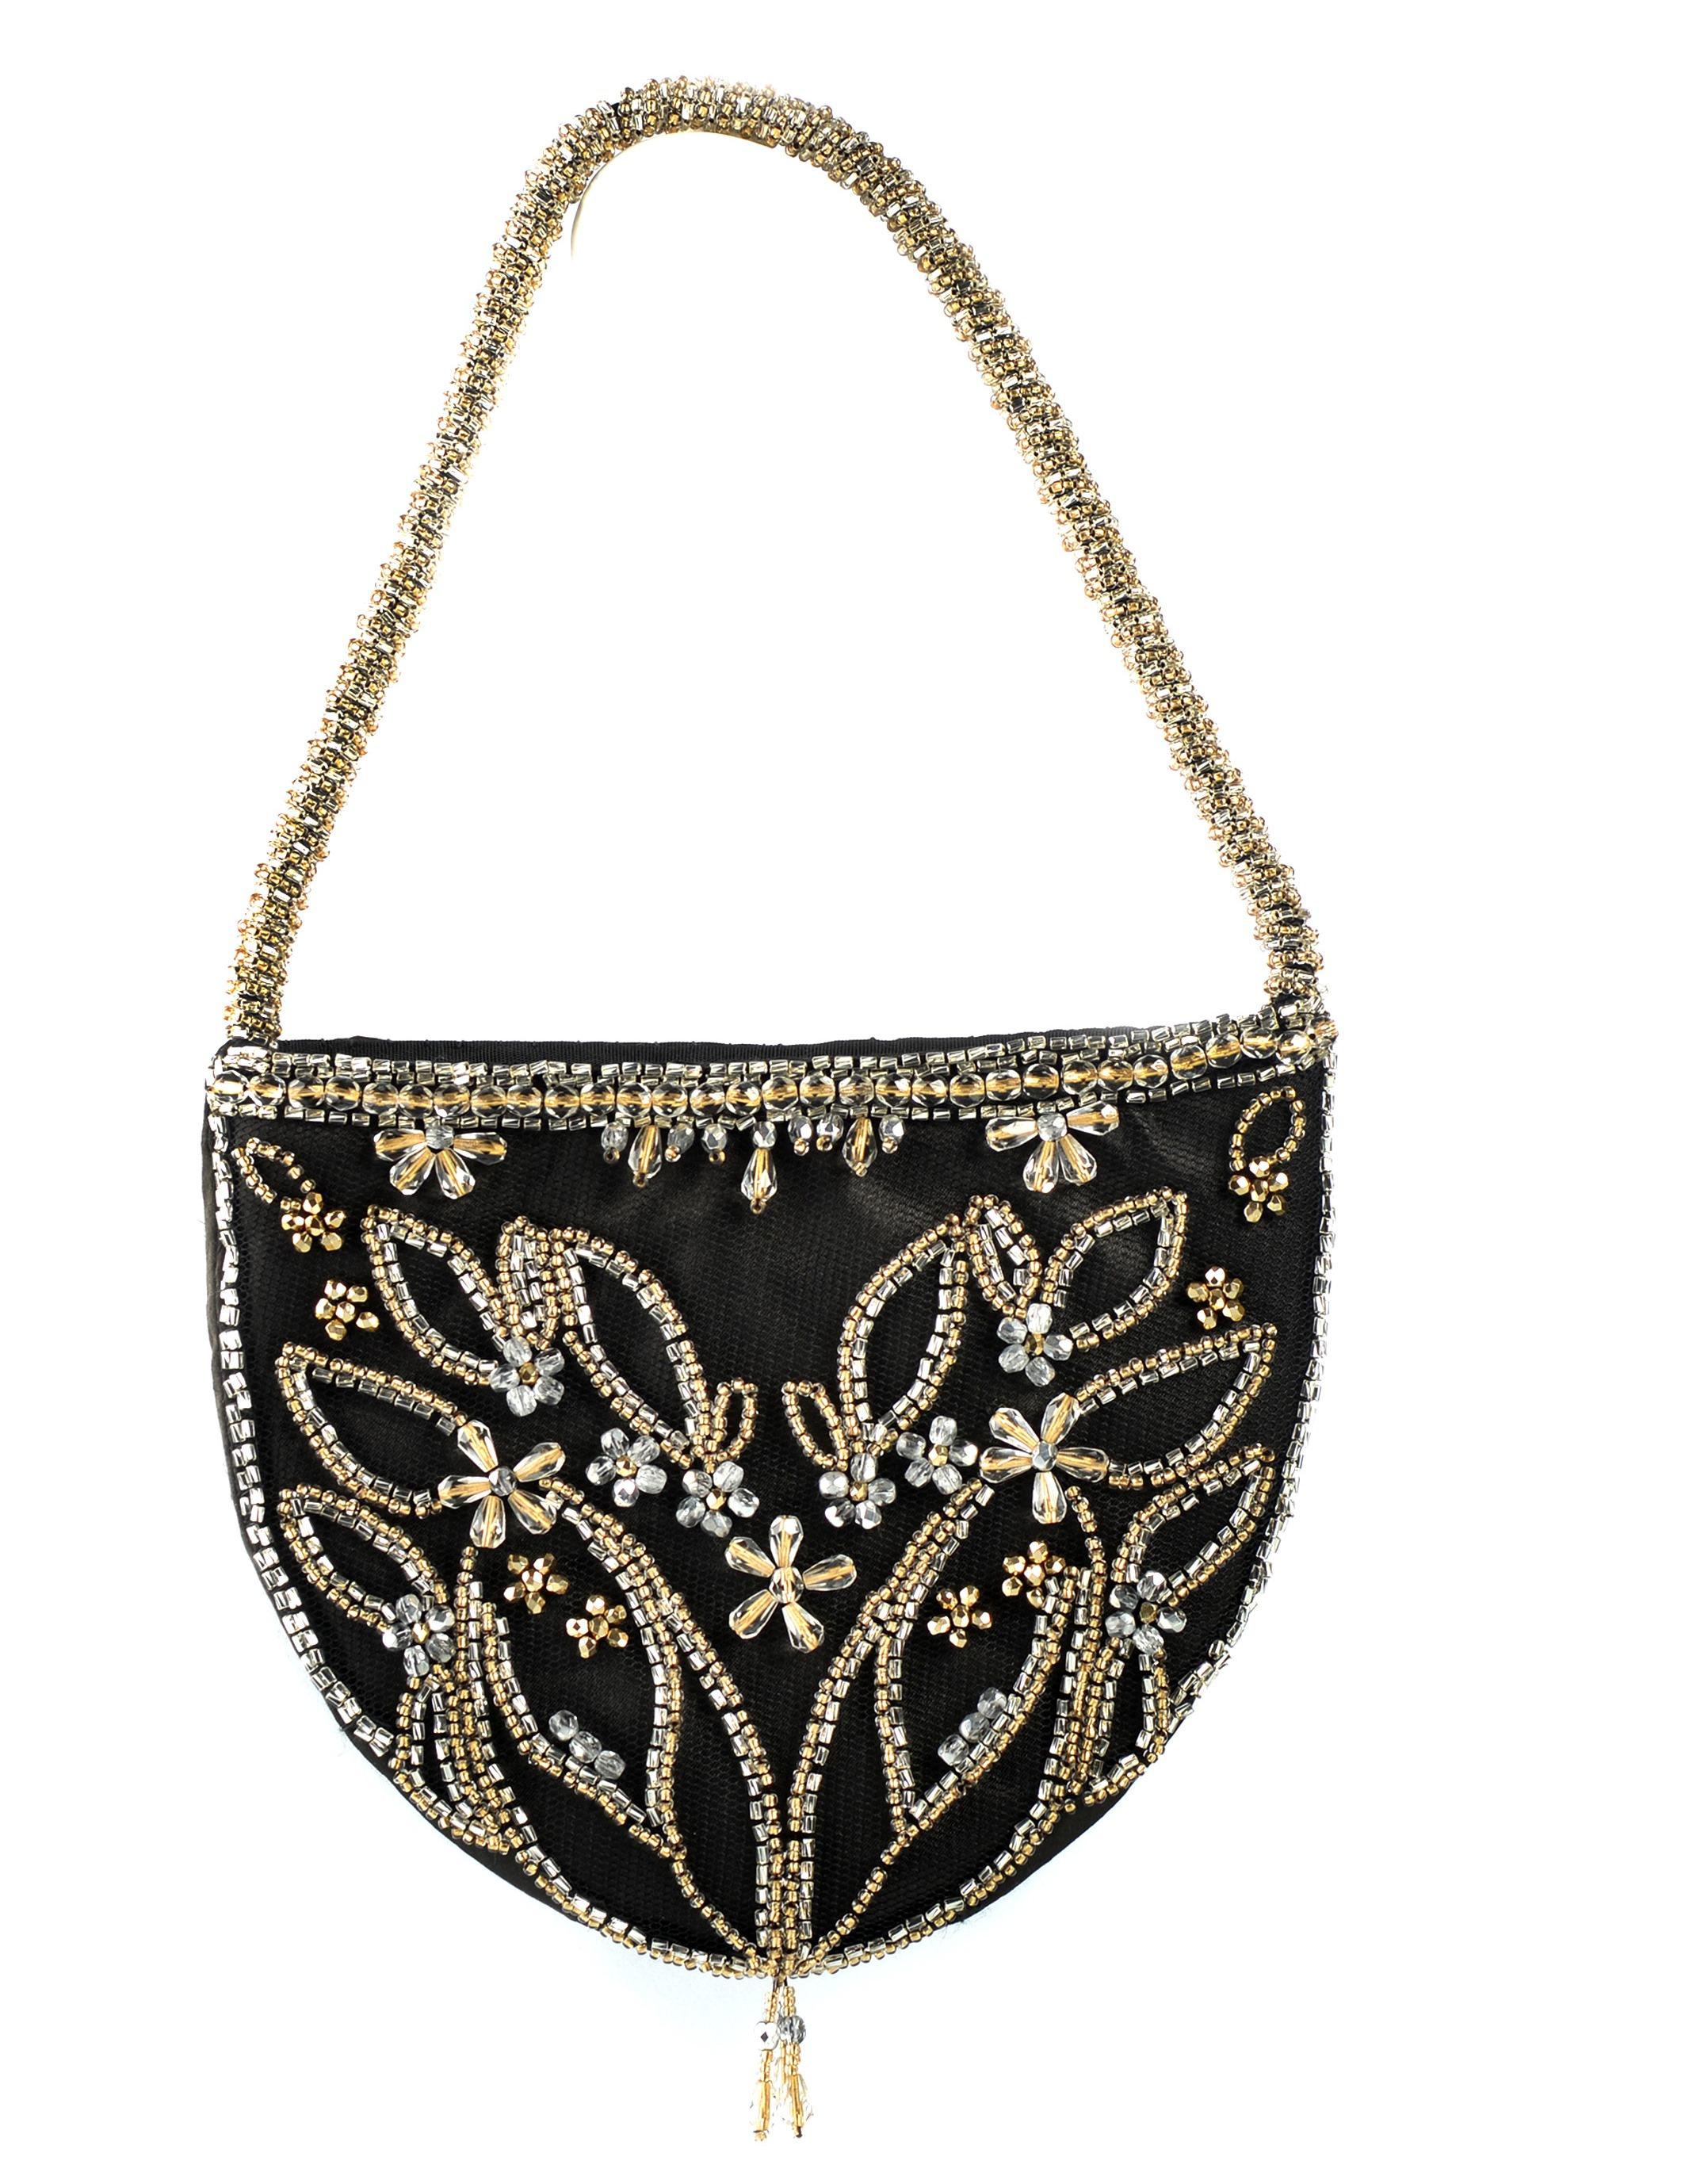 Atlas Bijoux bags